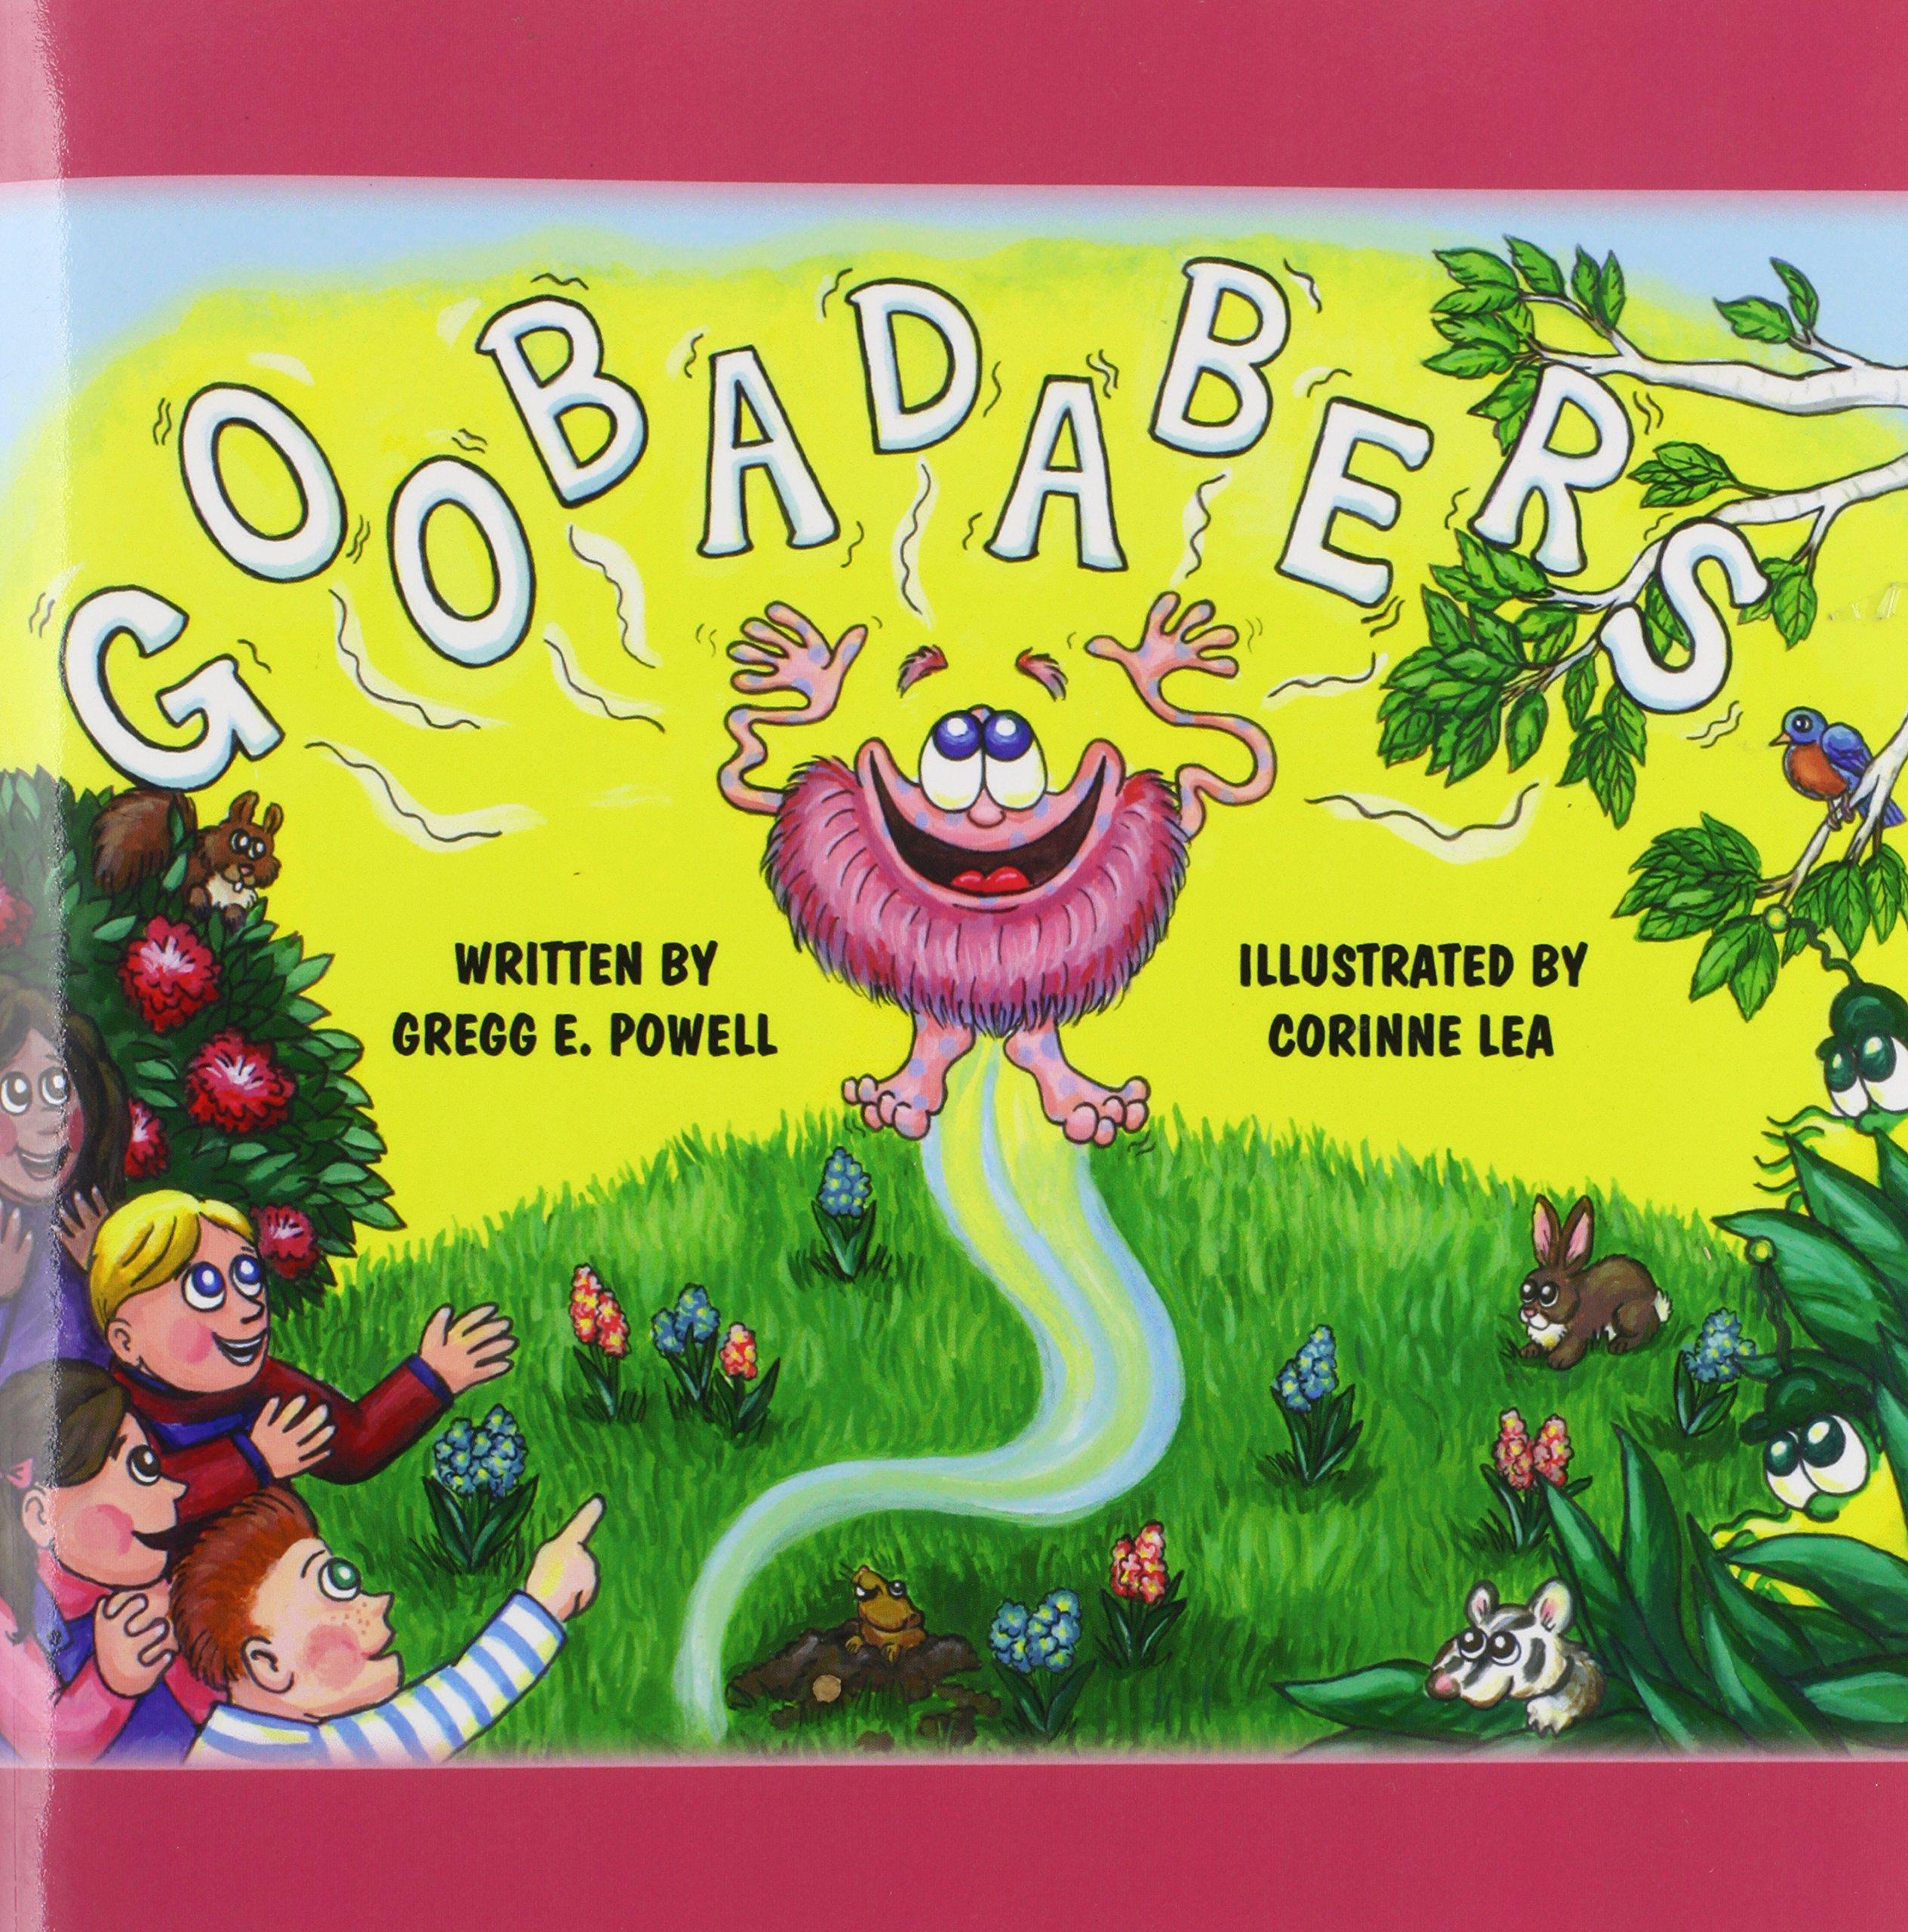 Goobadabers ebook